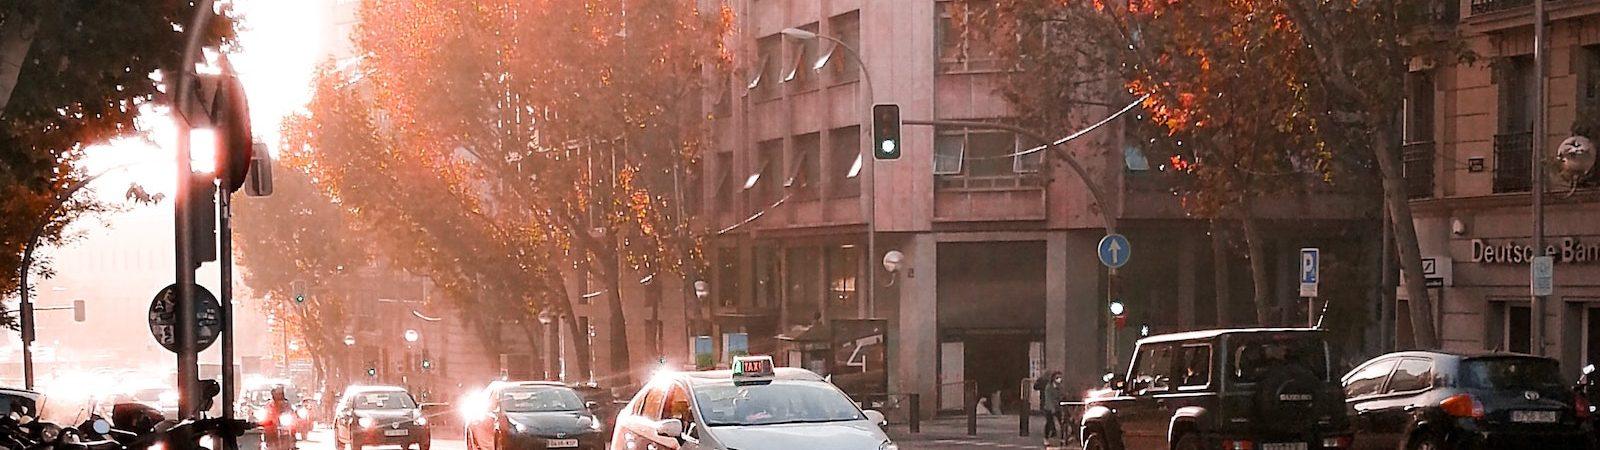 Madrid, Barcelona y Mollet del Vallés colocan a España como líder en contaminación del aire por NO2 en Europa, según un estudio. Foto: Henar Langa